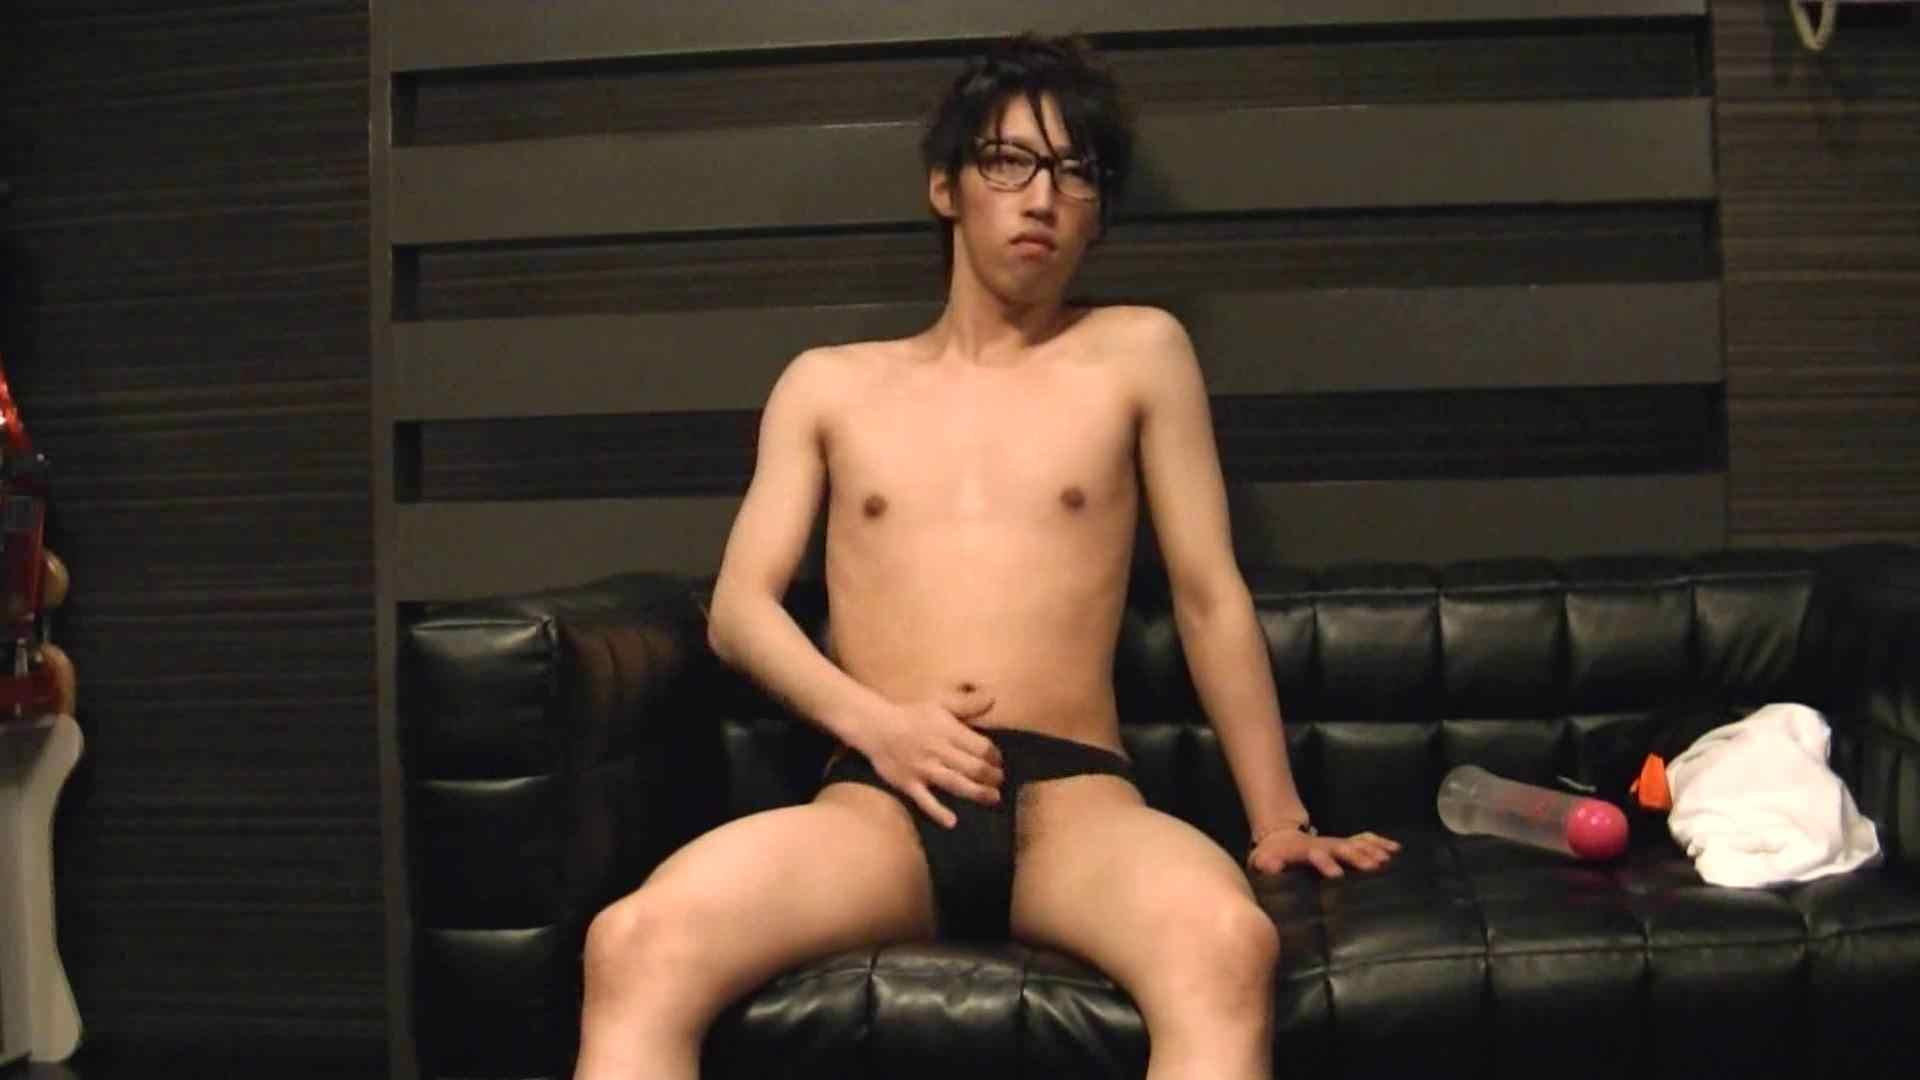 ONA見せカーニバル!! Vol3 男の世界  98画像 6